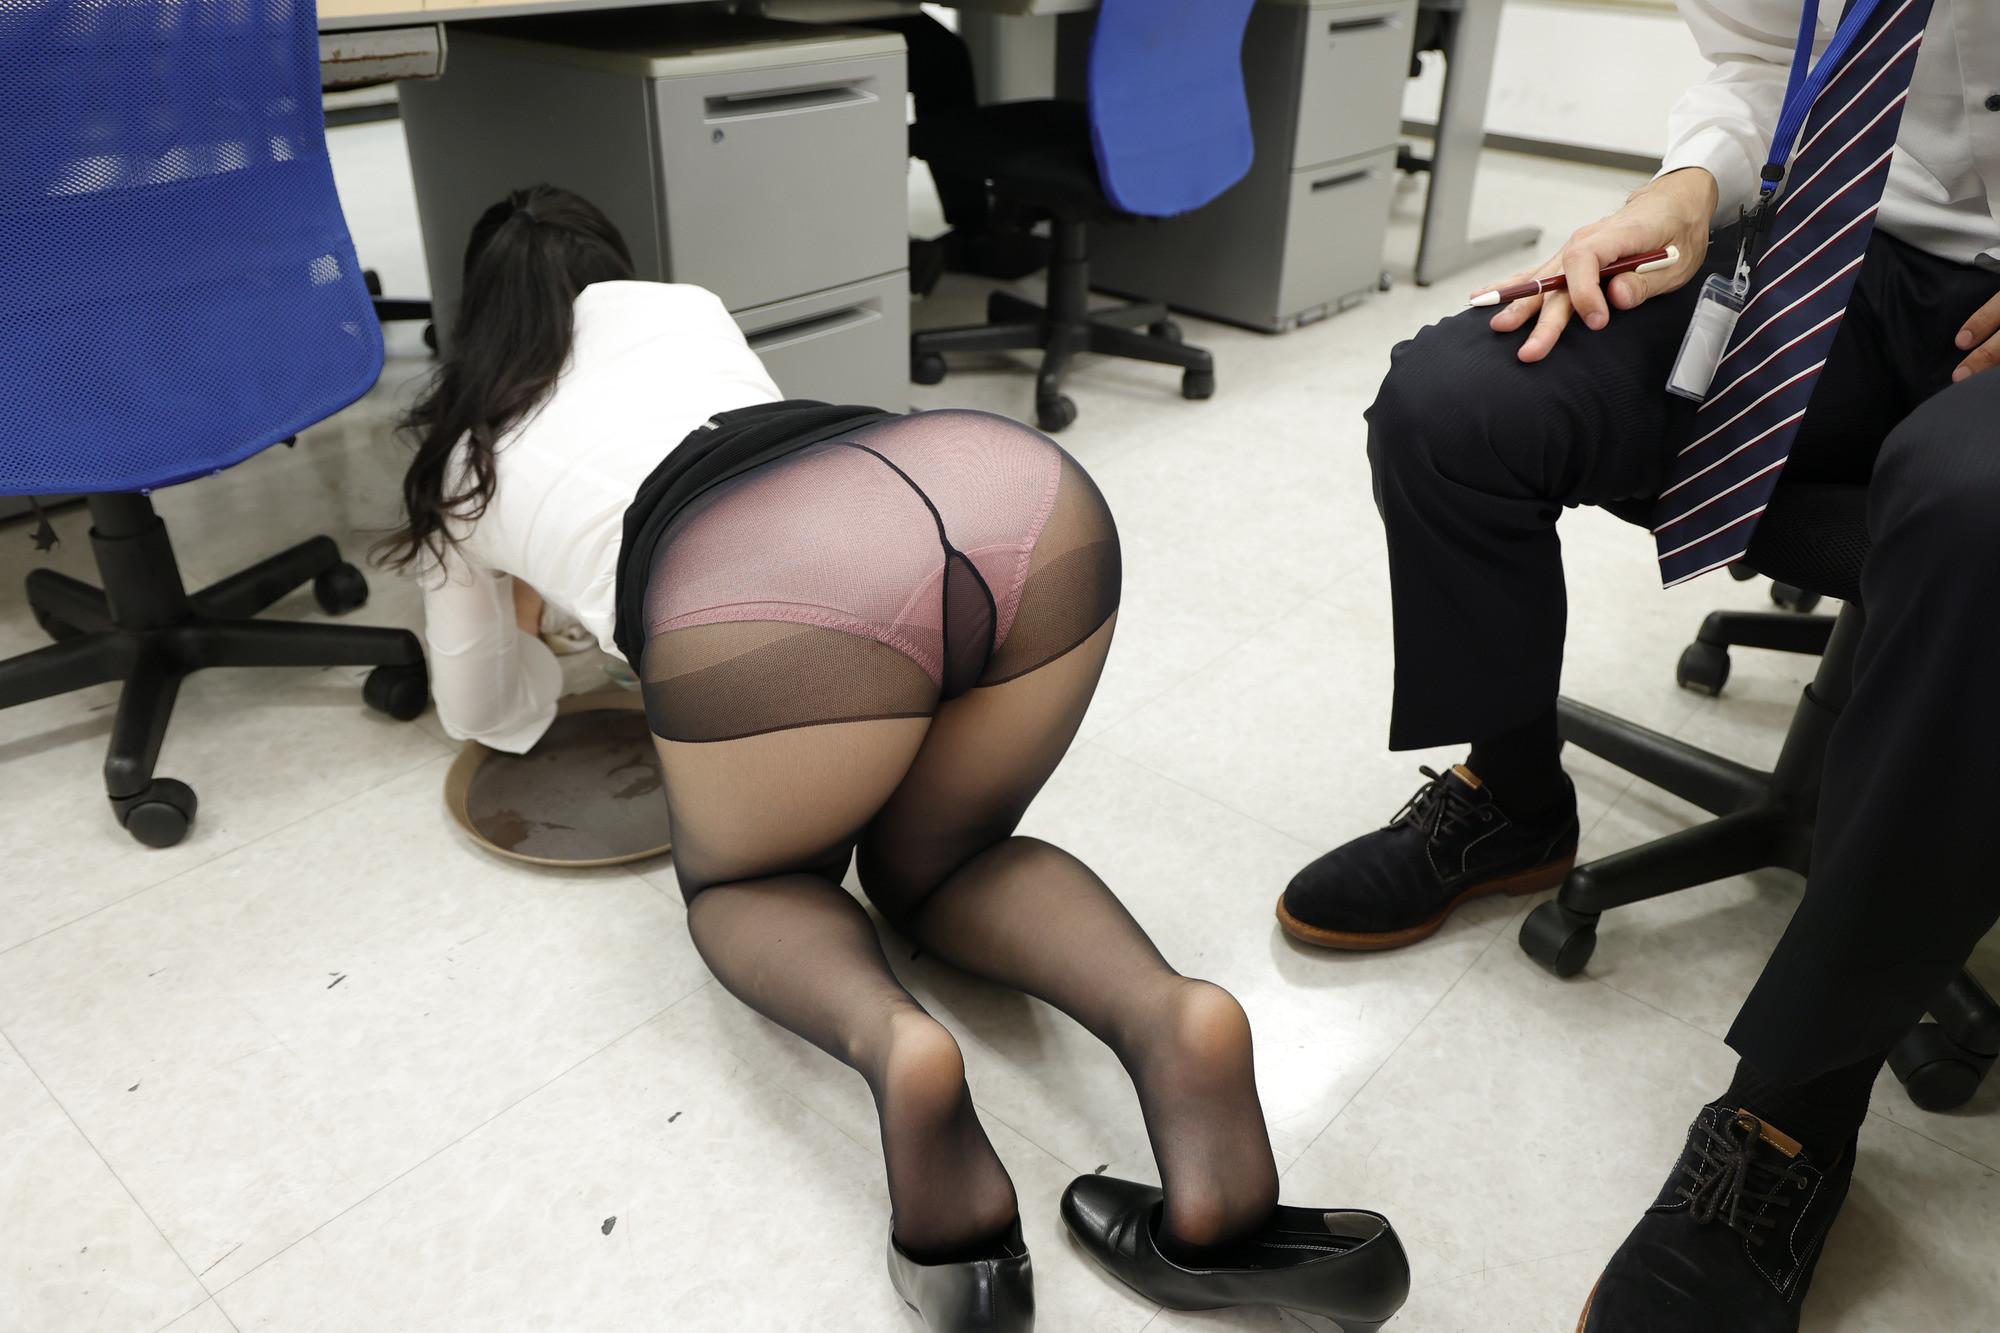 オジサマ殺し!社内パパ活でチ〇ポを狩るソソる新人女子社員!!男性社員を誘惑しまくる女子社員が上司にバレて叱られても反省するどころか半裸になって上司を逆襲!?エロ丸出しで迫る女子社員に上司はなすすべなく、自分もチ〇ポもシャブられヘロヘロになるまで社内エッチしてしまいました。 画像5